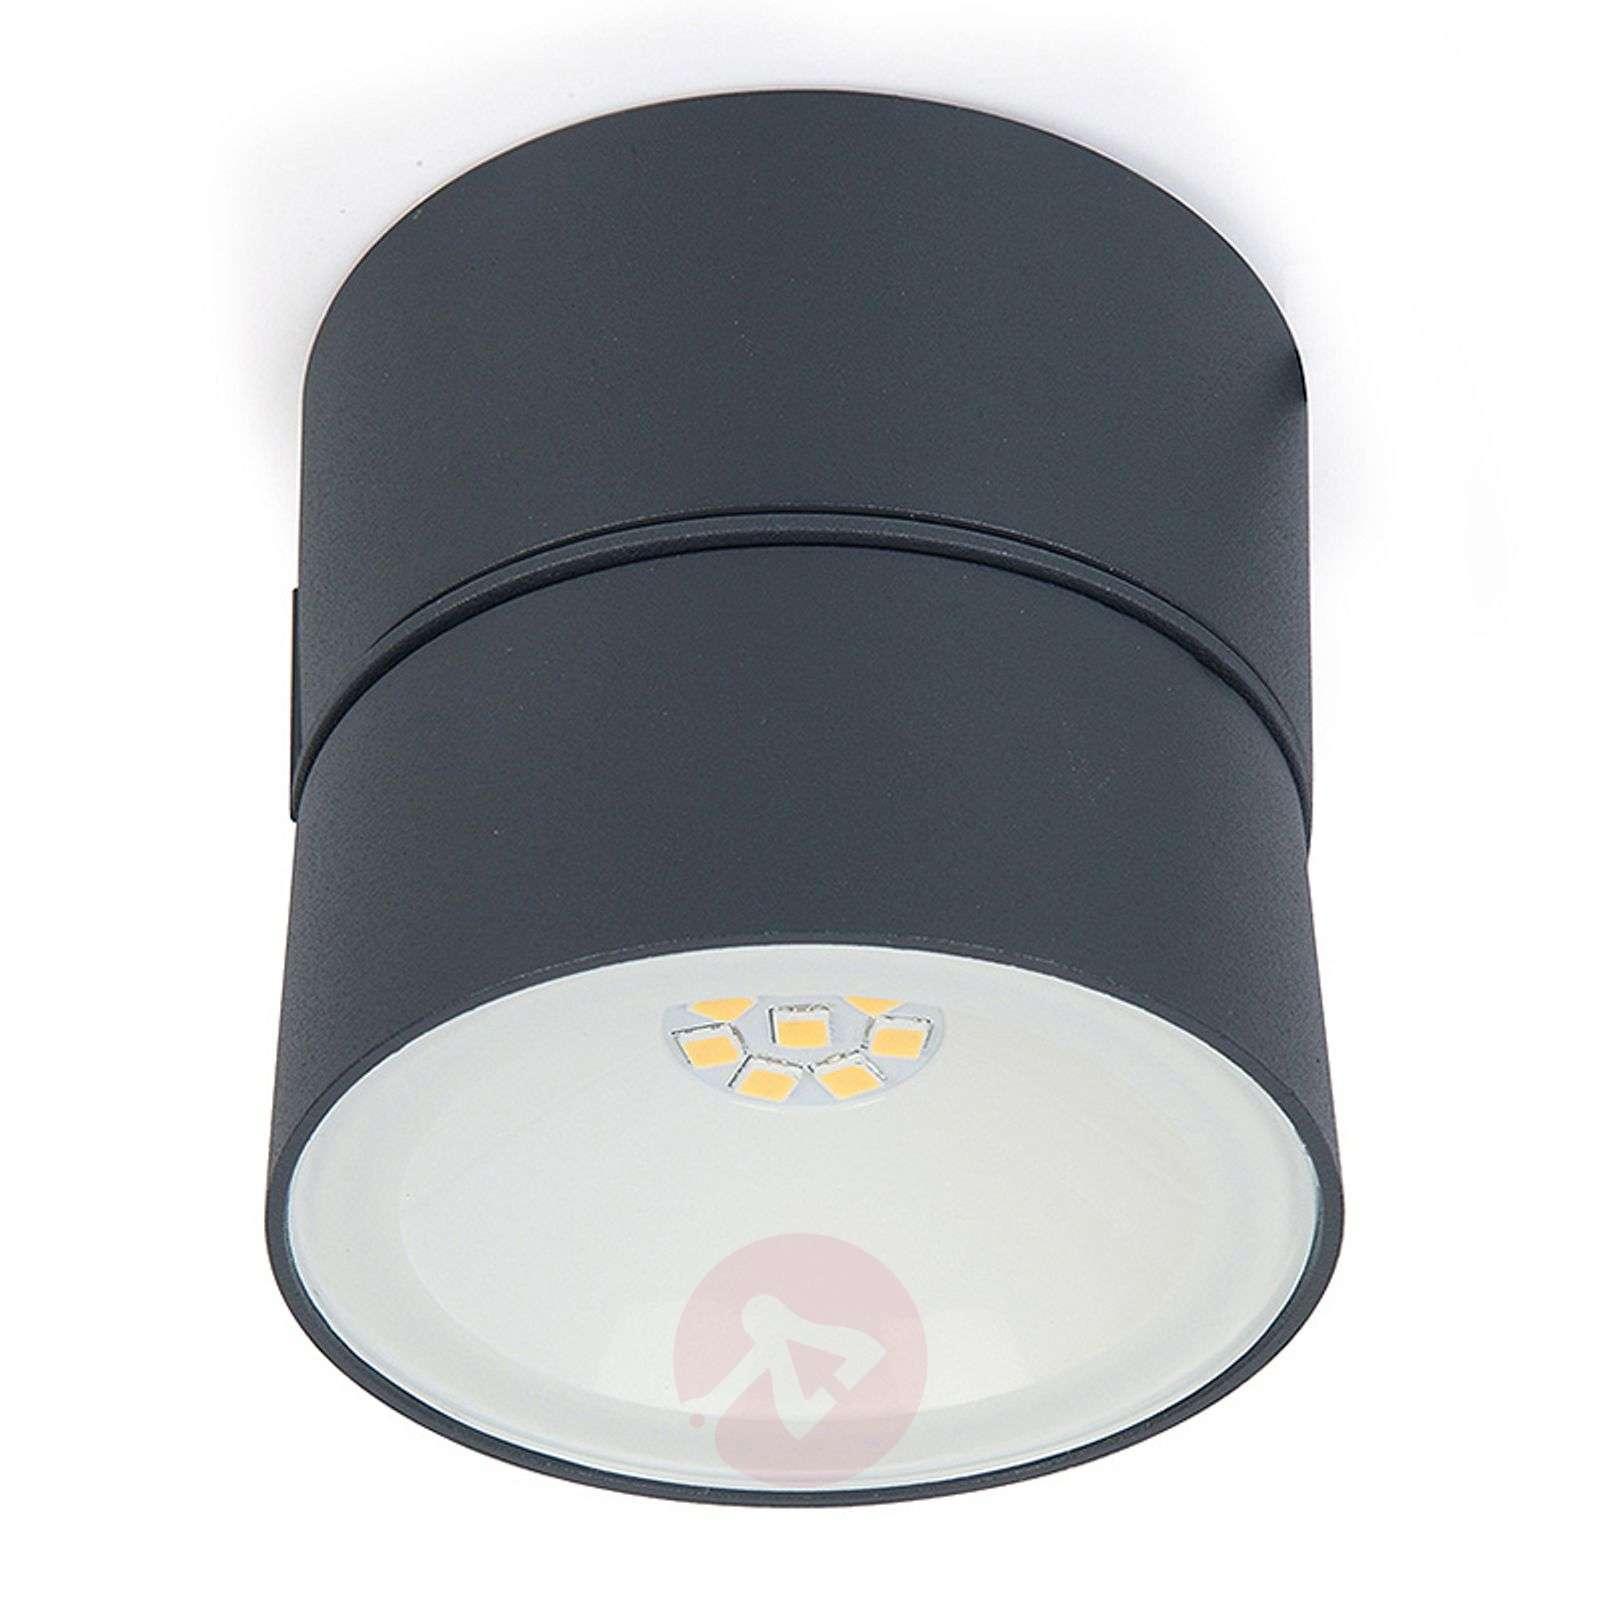 Kallistettava LED-ulkoseinävalaisin Trumpet-3006216-01